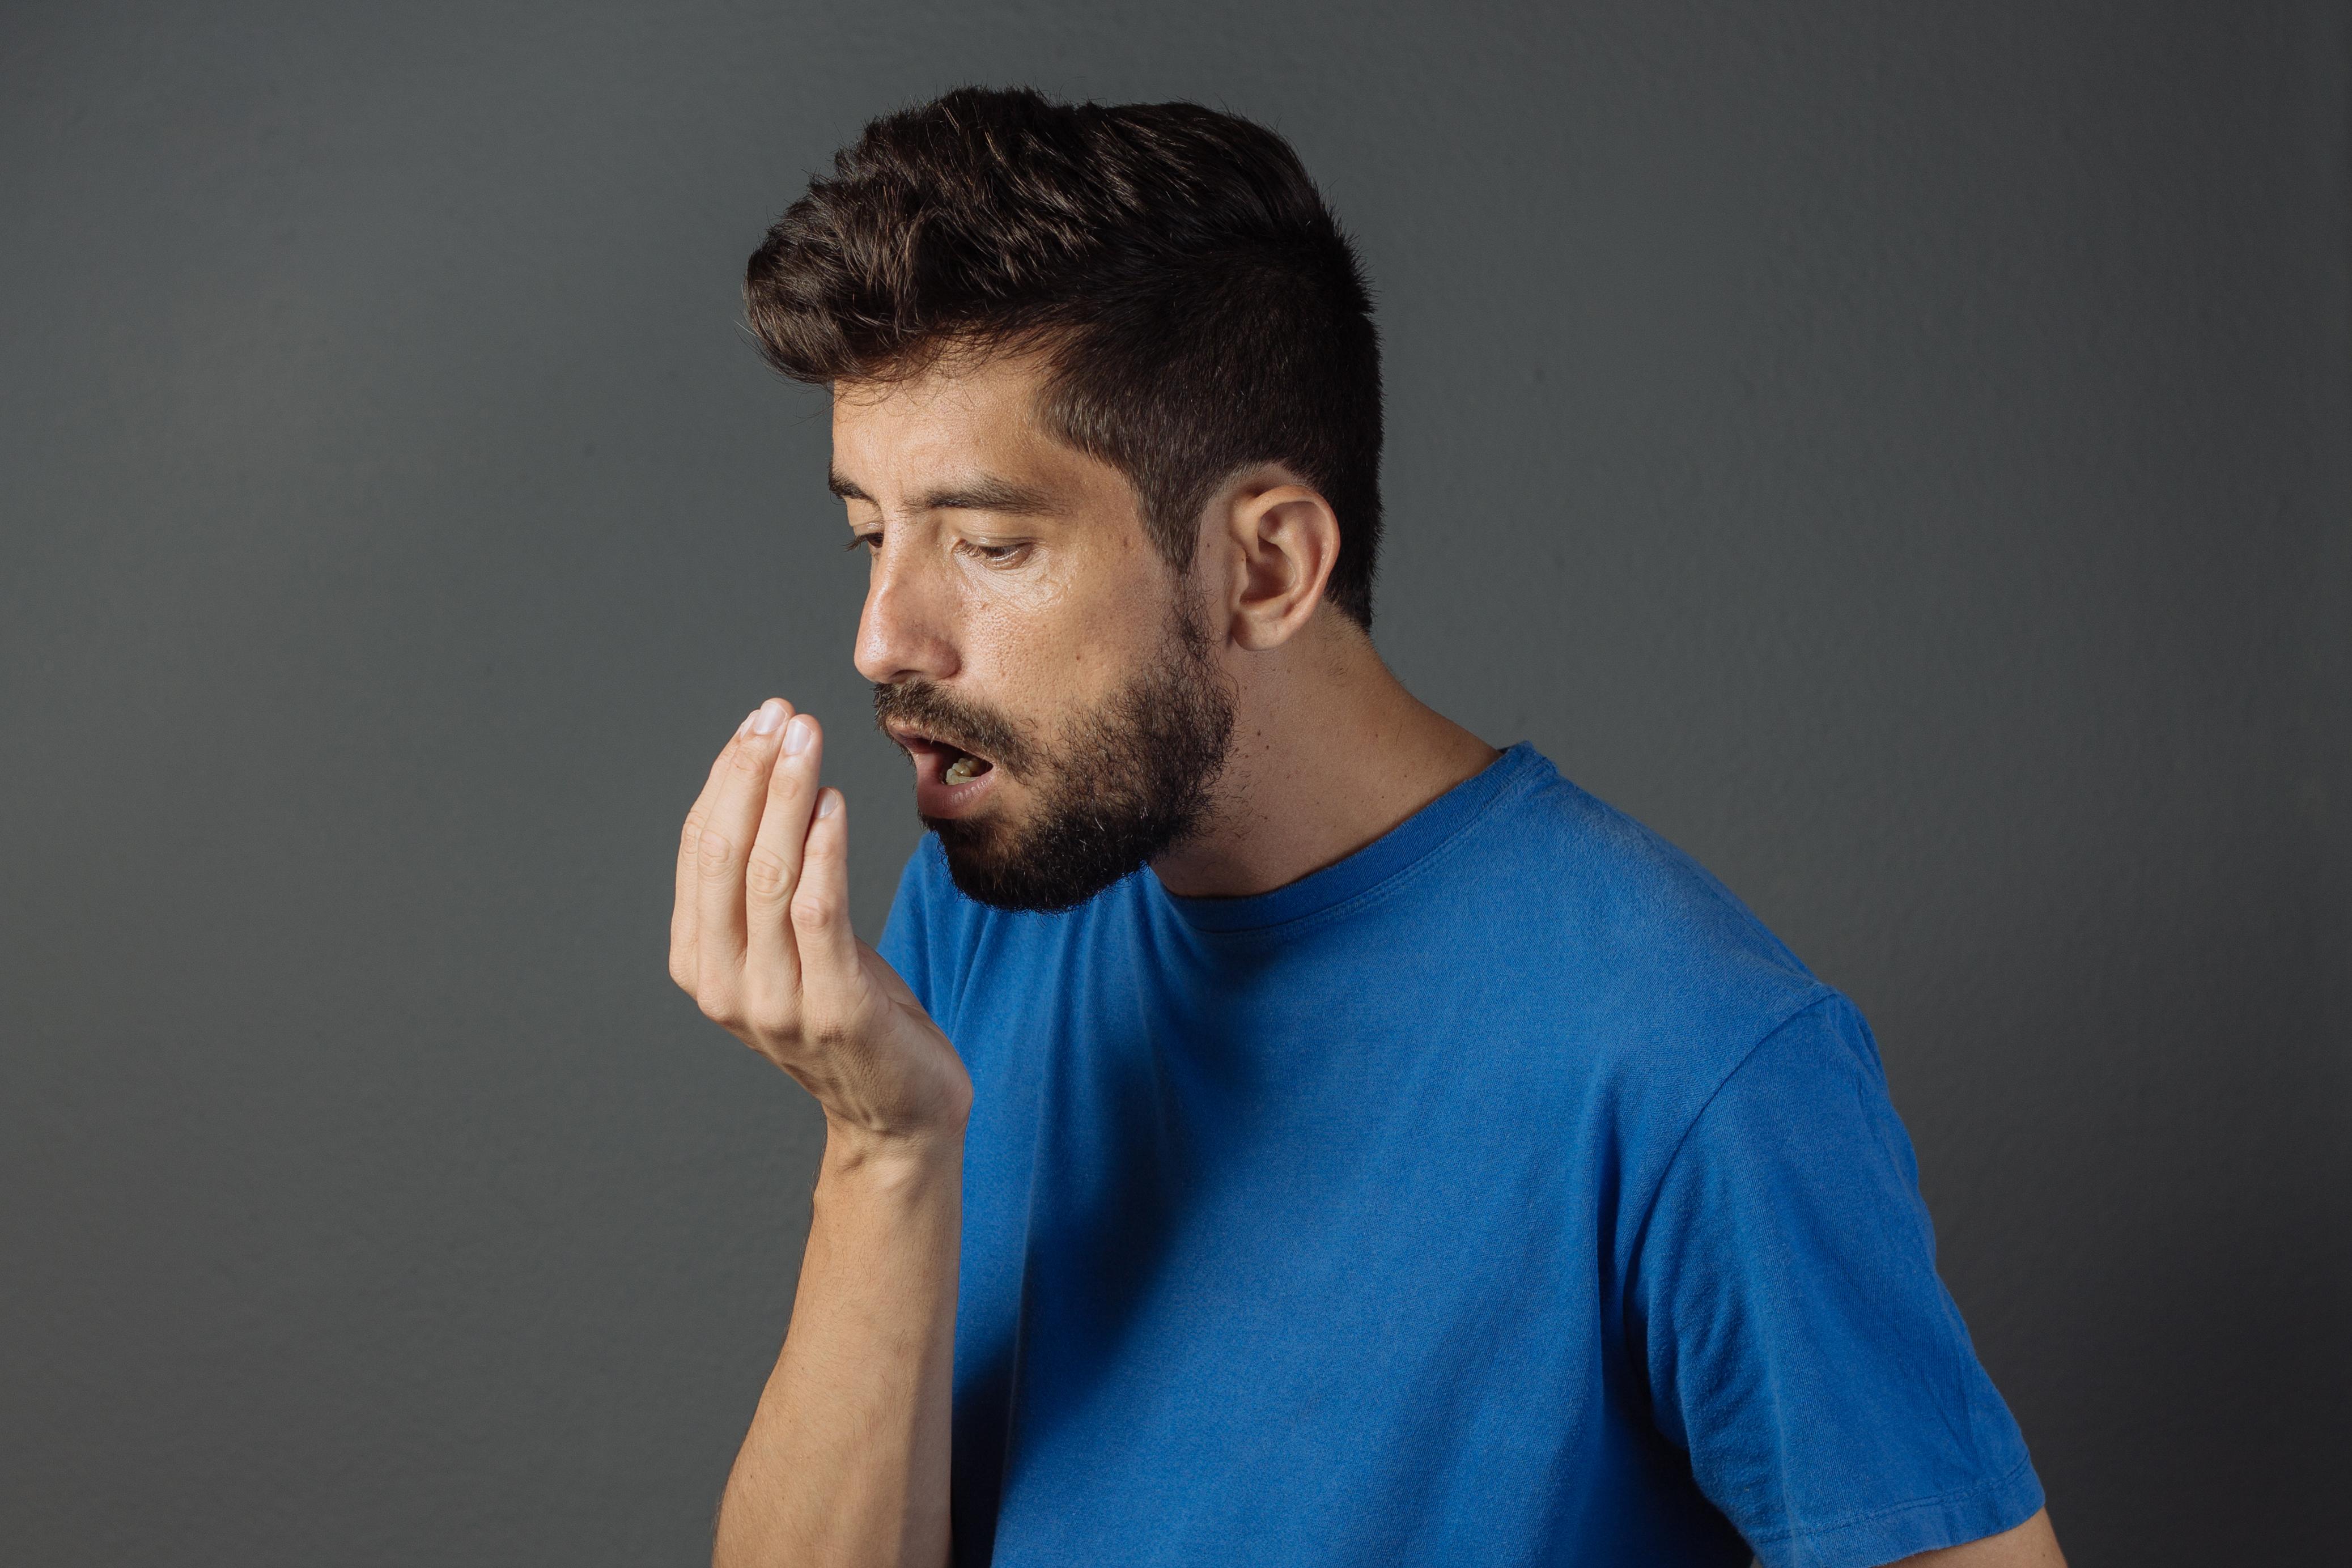 En mycket vanlig orsak till dålig andedräkt är så kallad pulmonell utvädring. De vanligaste tecknen till dessa är vitlökdoft, liksom alkohol och tobakslukt.